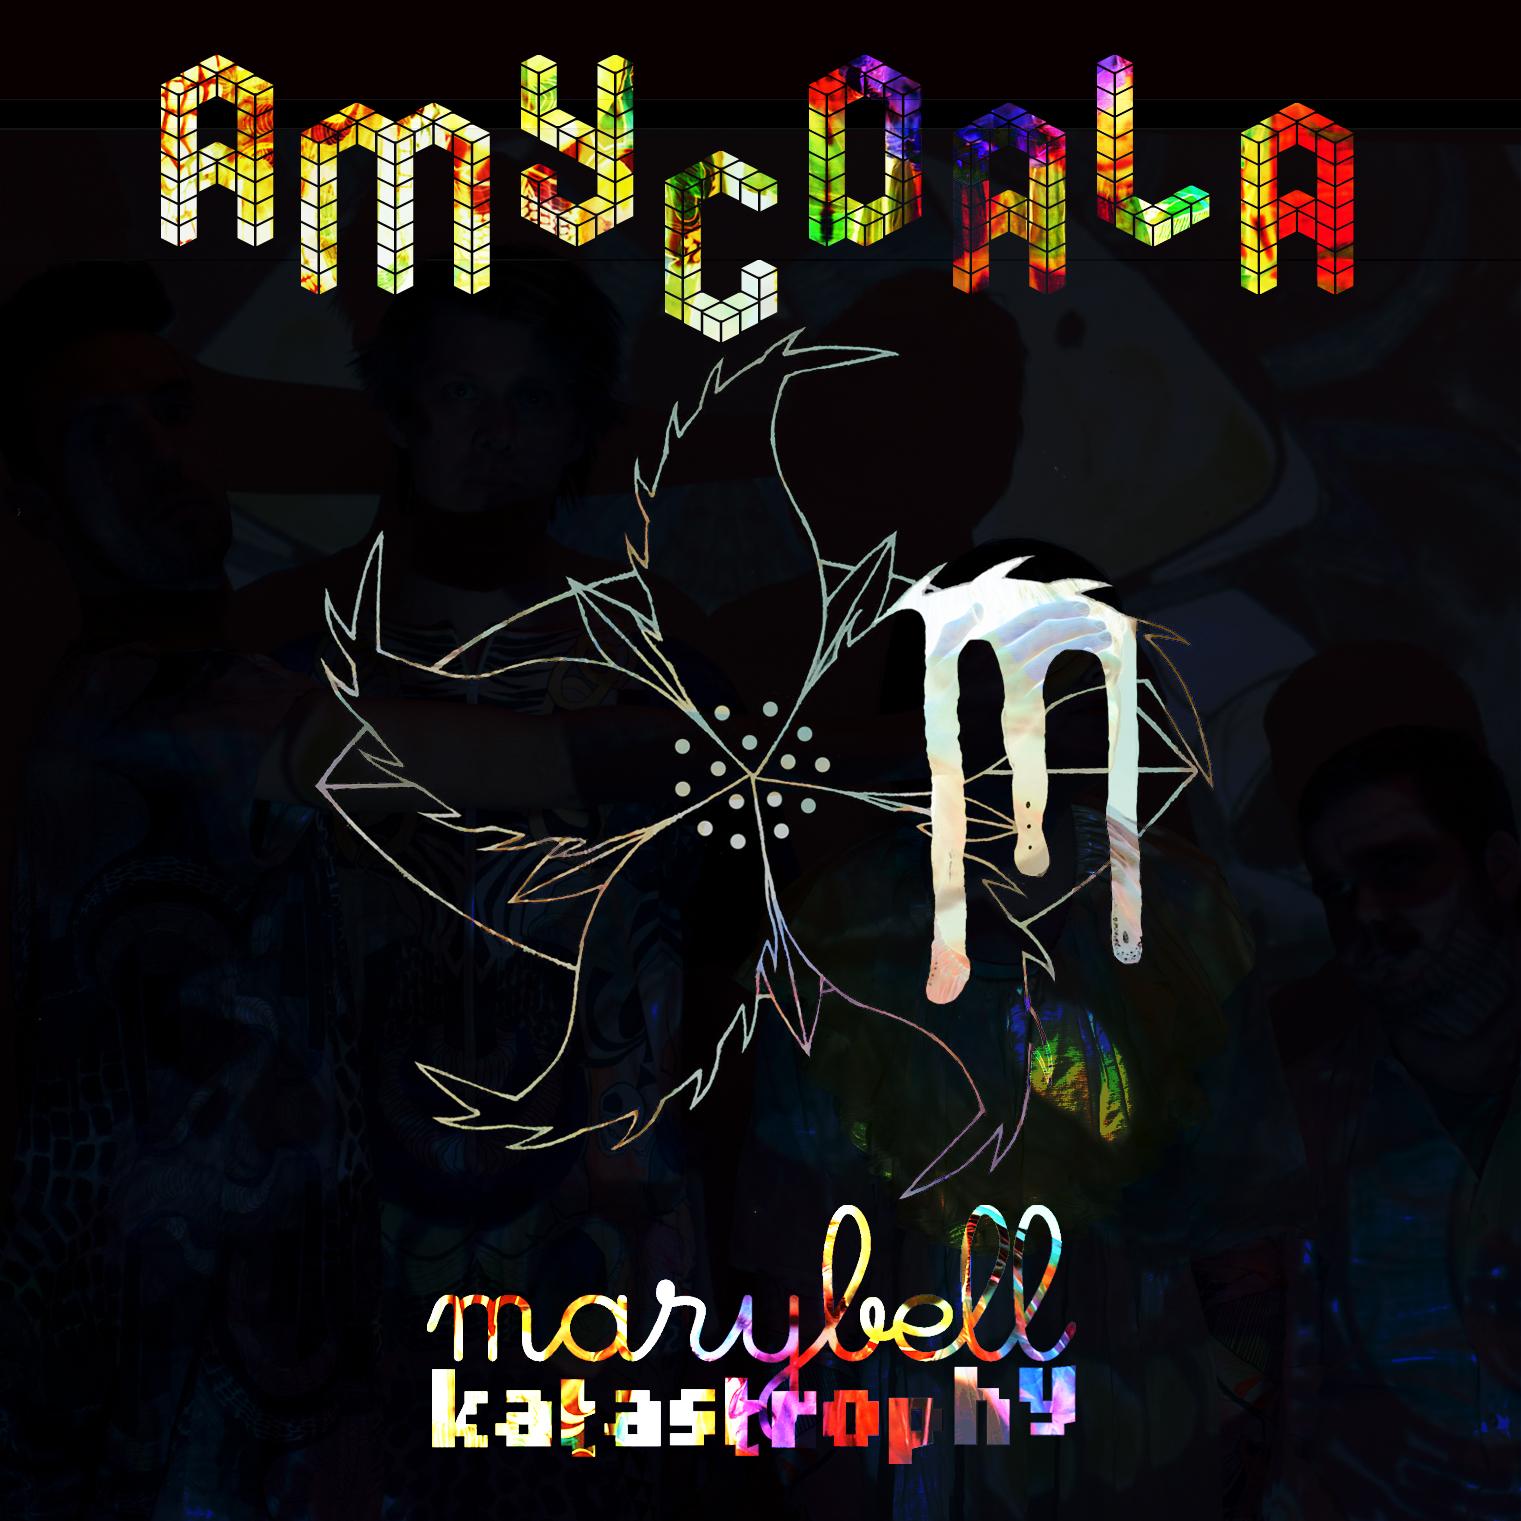 Marybell Katastrophy – Amygdala